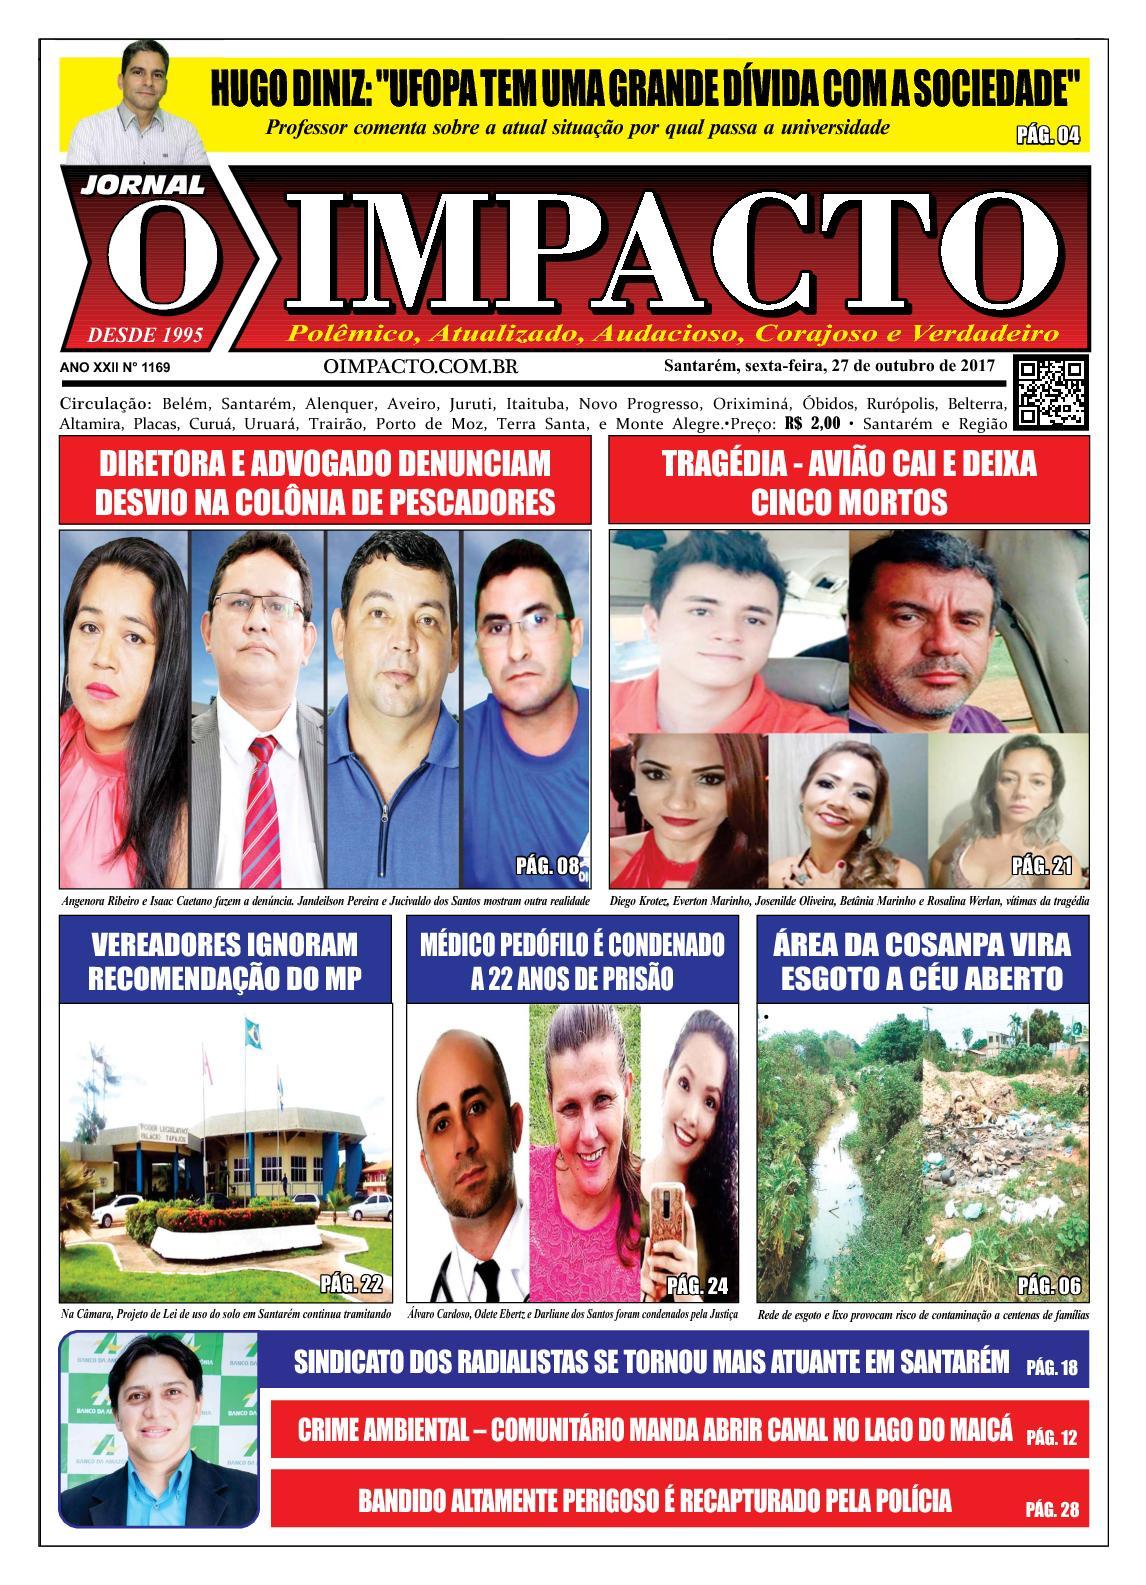 Jornal O Impacto Ed. 1169